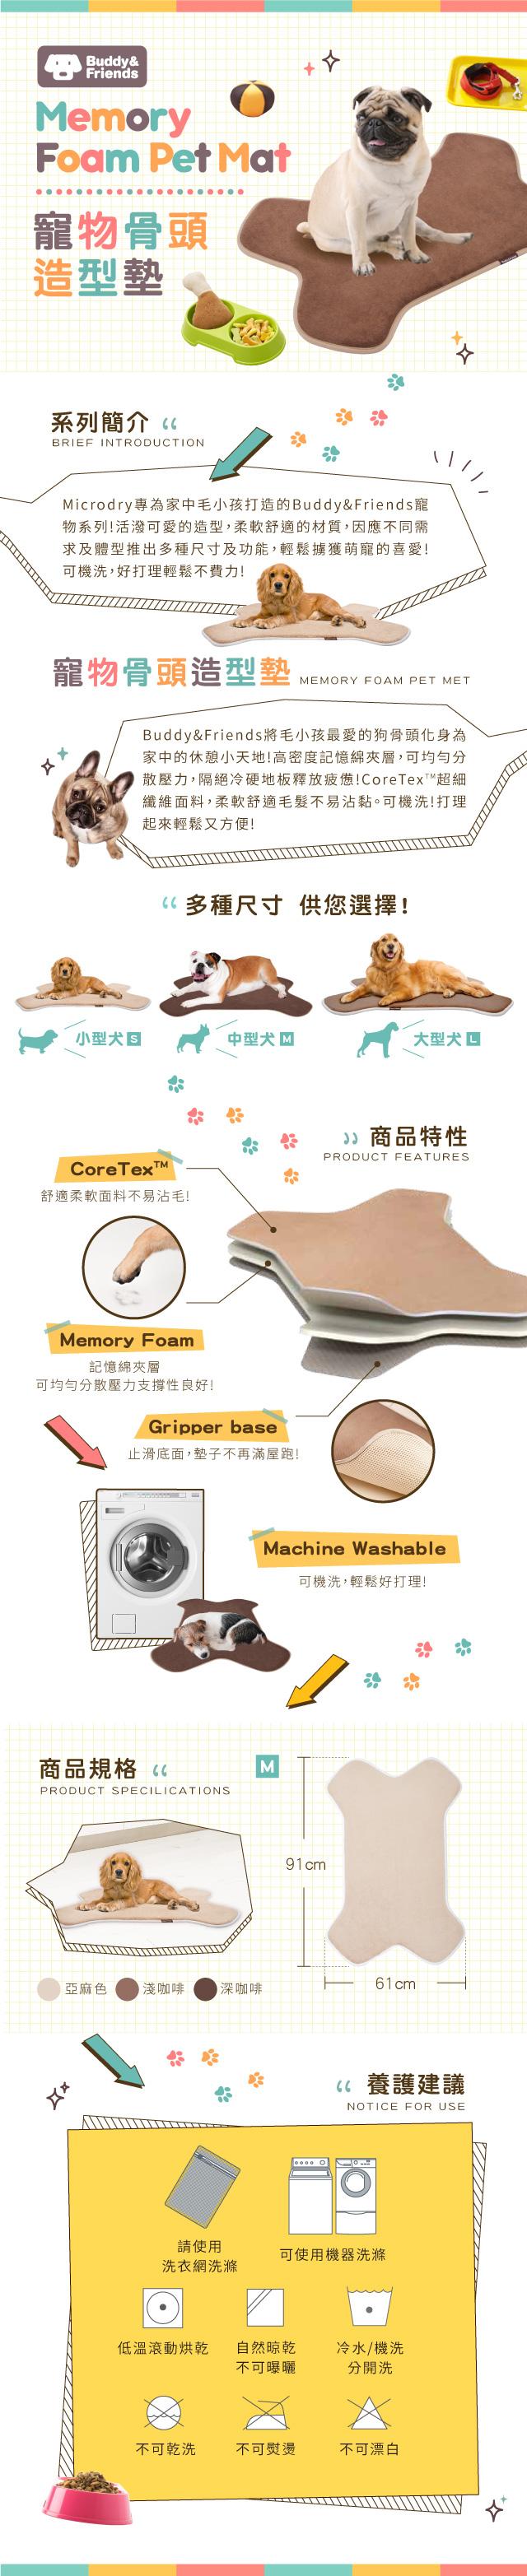 (複製)Buddy&Friends|寵物骨頭造型墊-深咖啡L(71x107cm)